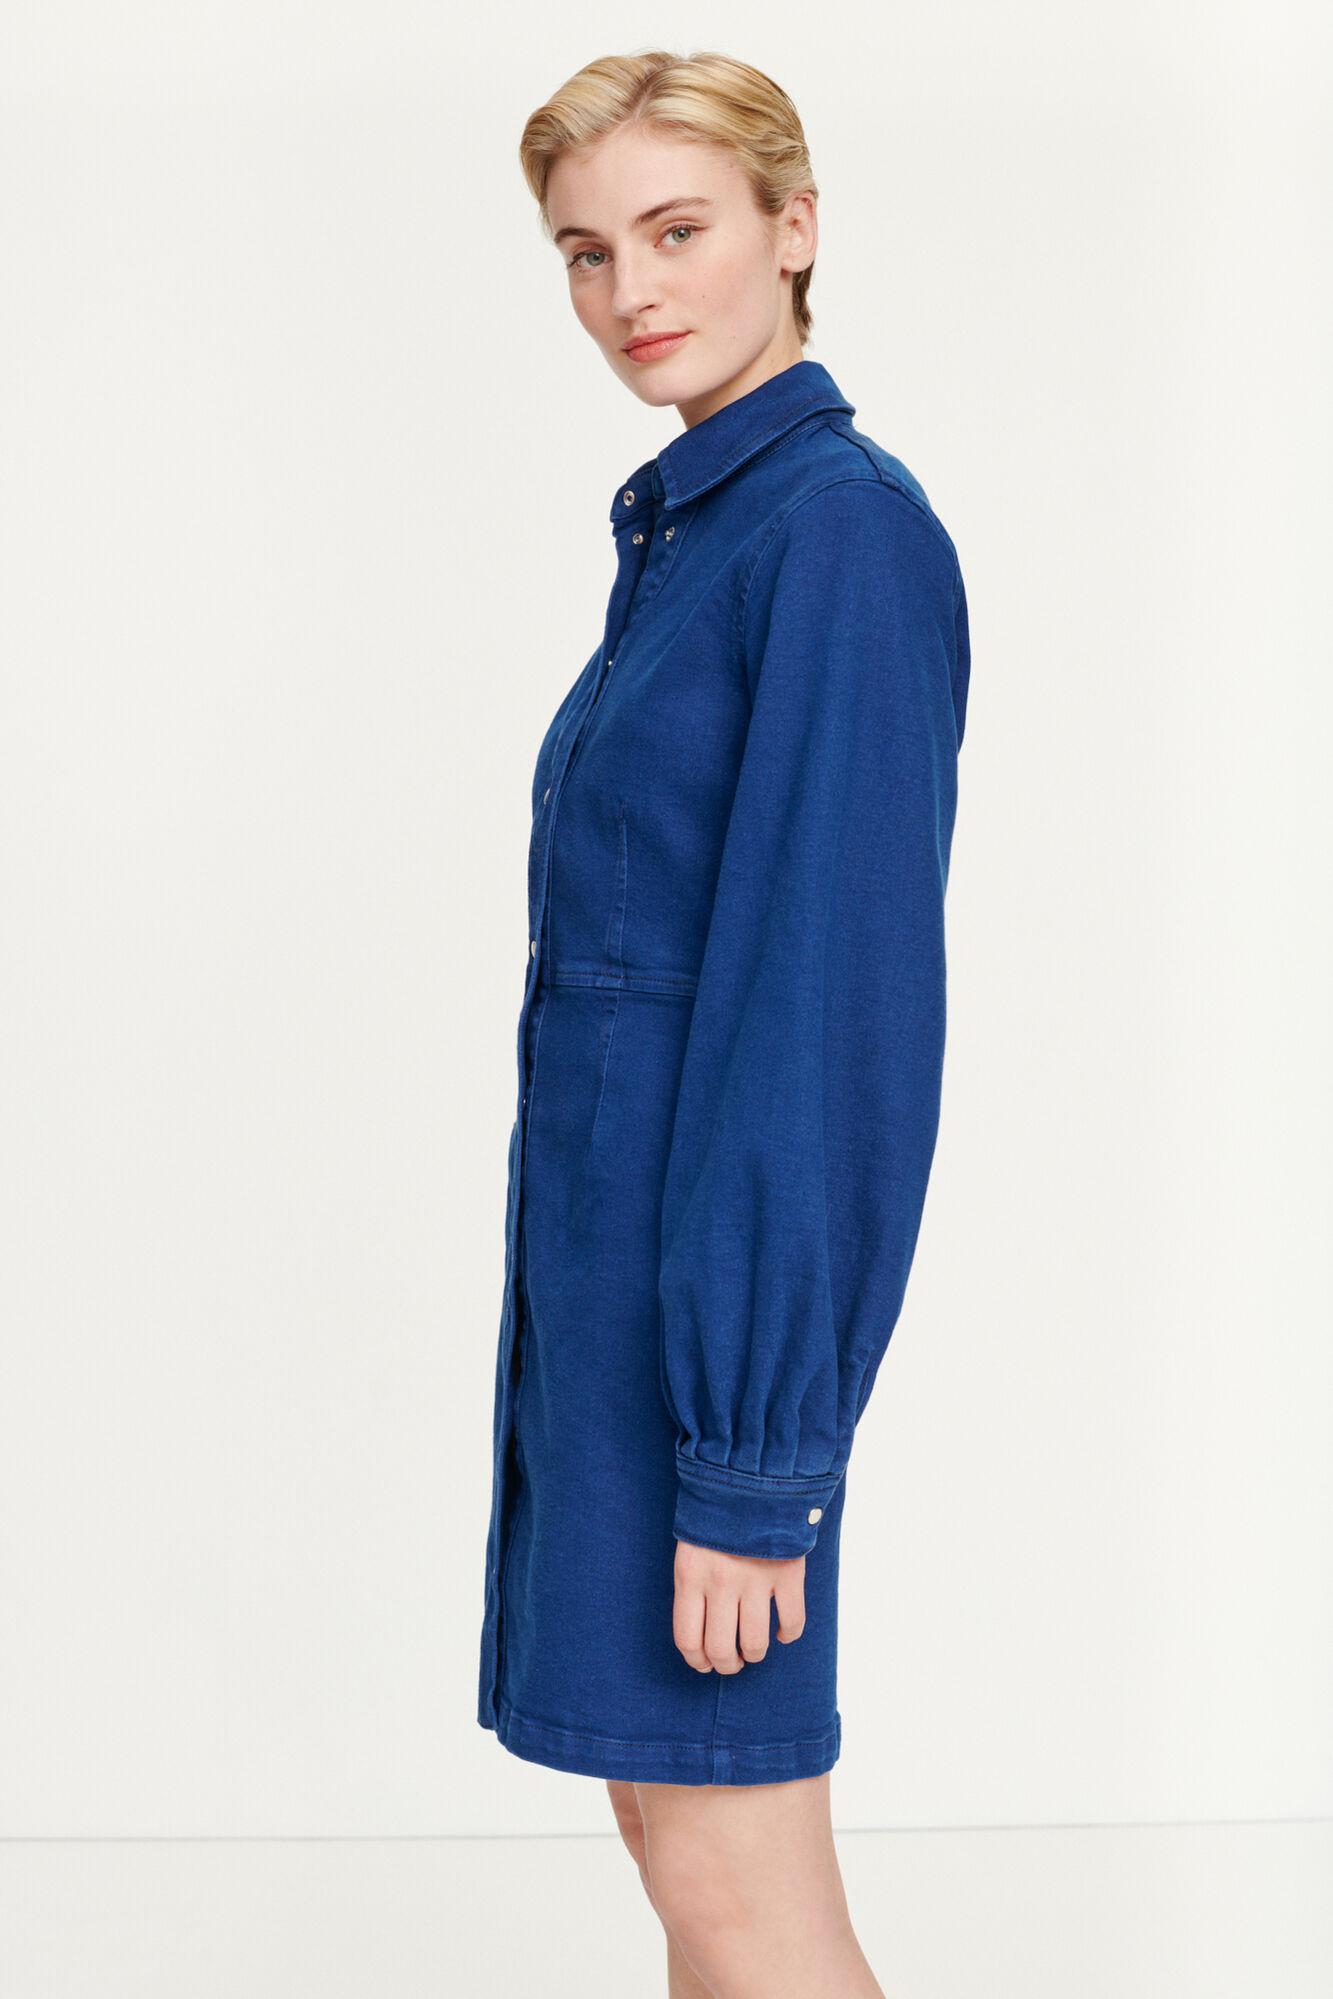 Berthe dress 11492